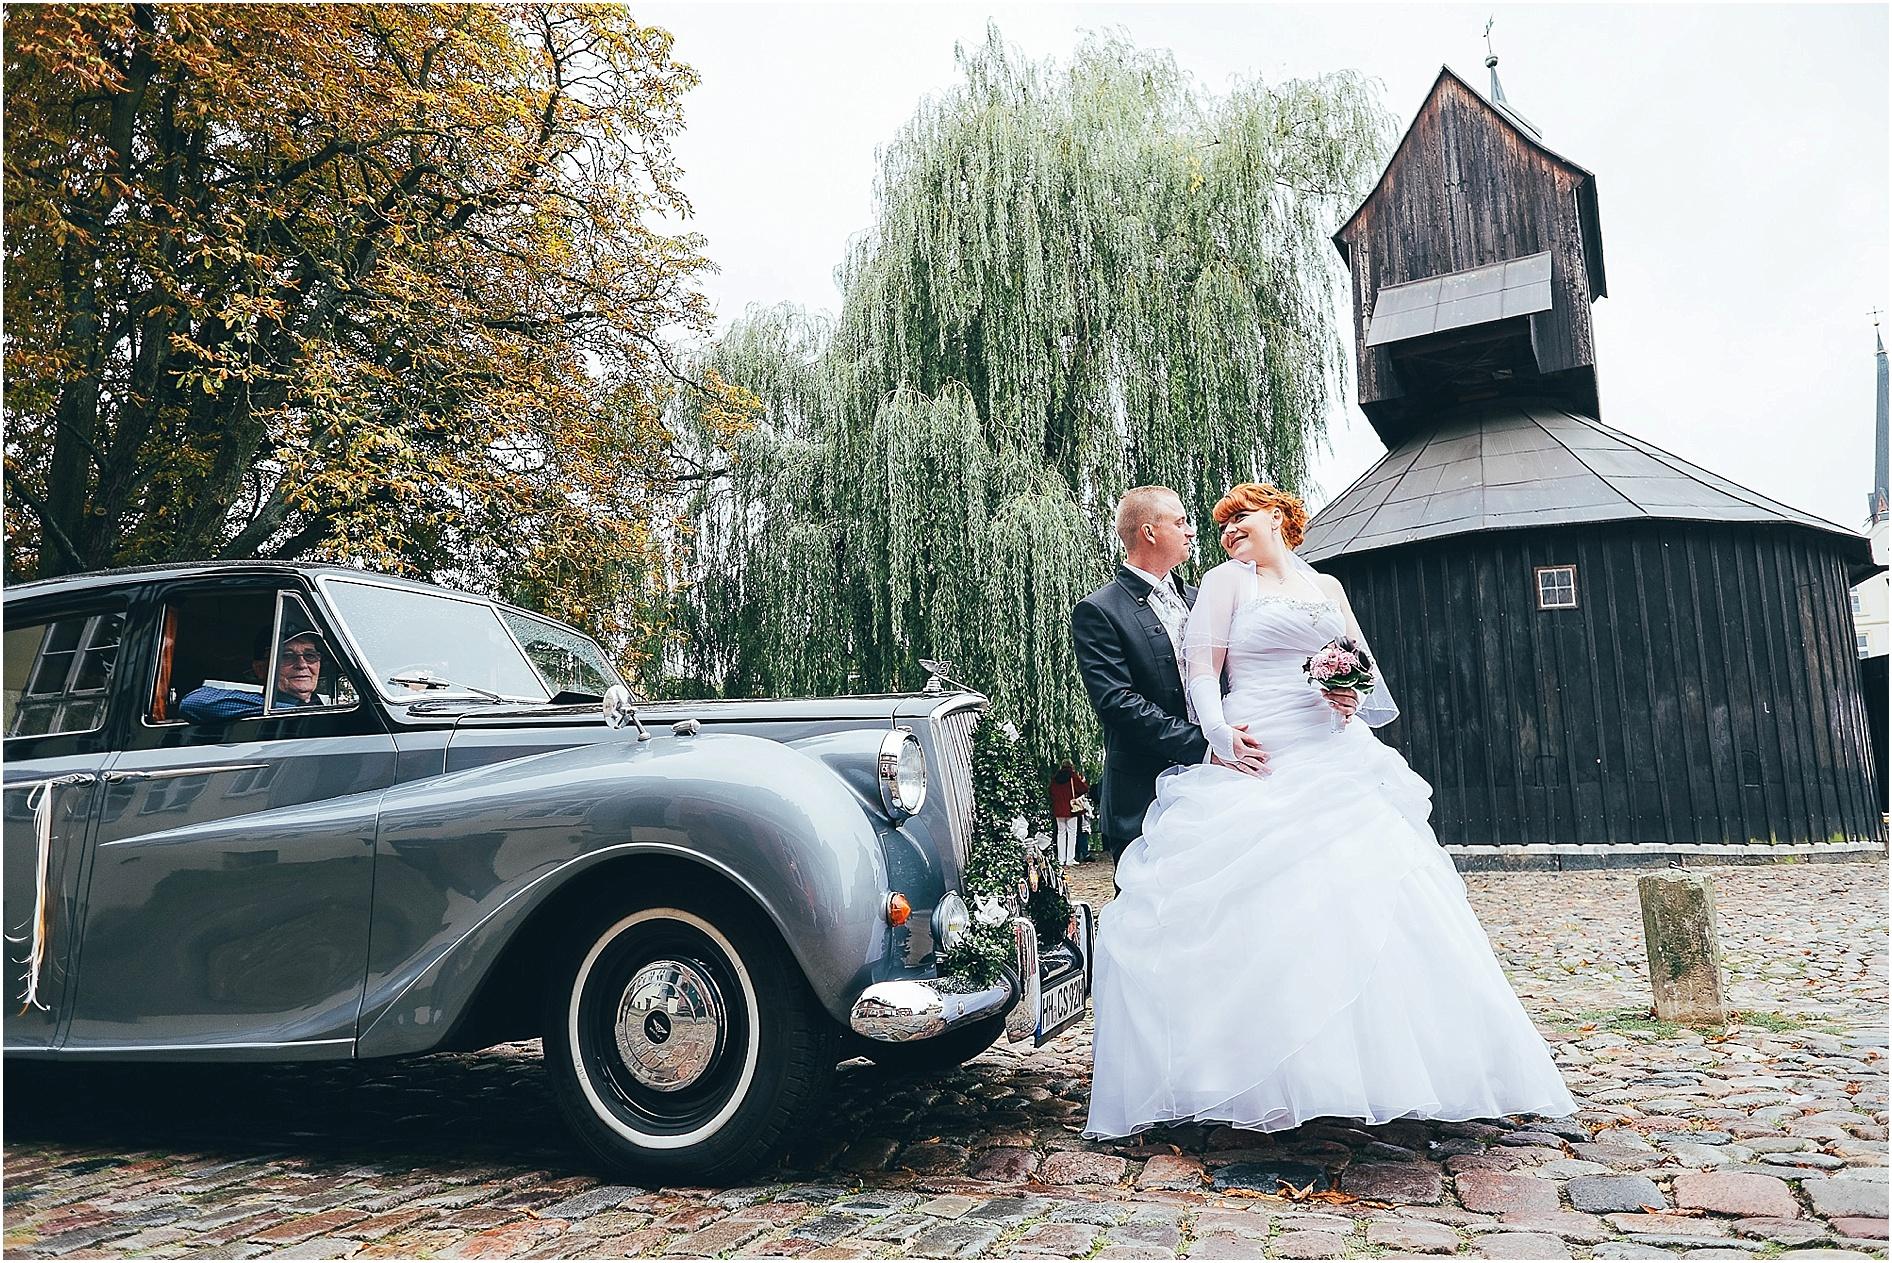 2014-11-20_0053 Lora & Daniel - Als Hochzeitsfotograf in Lüneburg